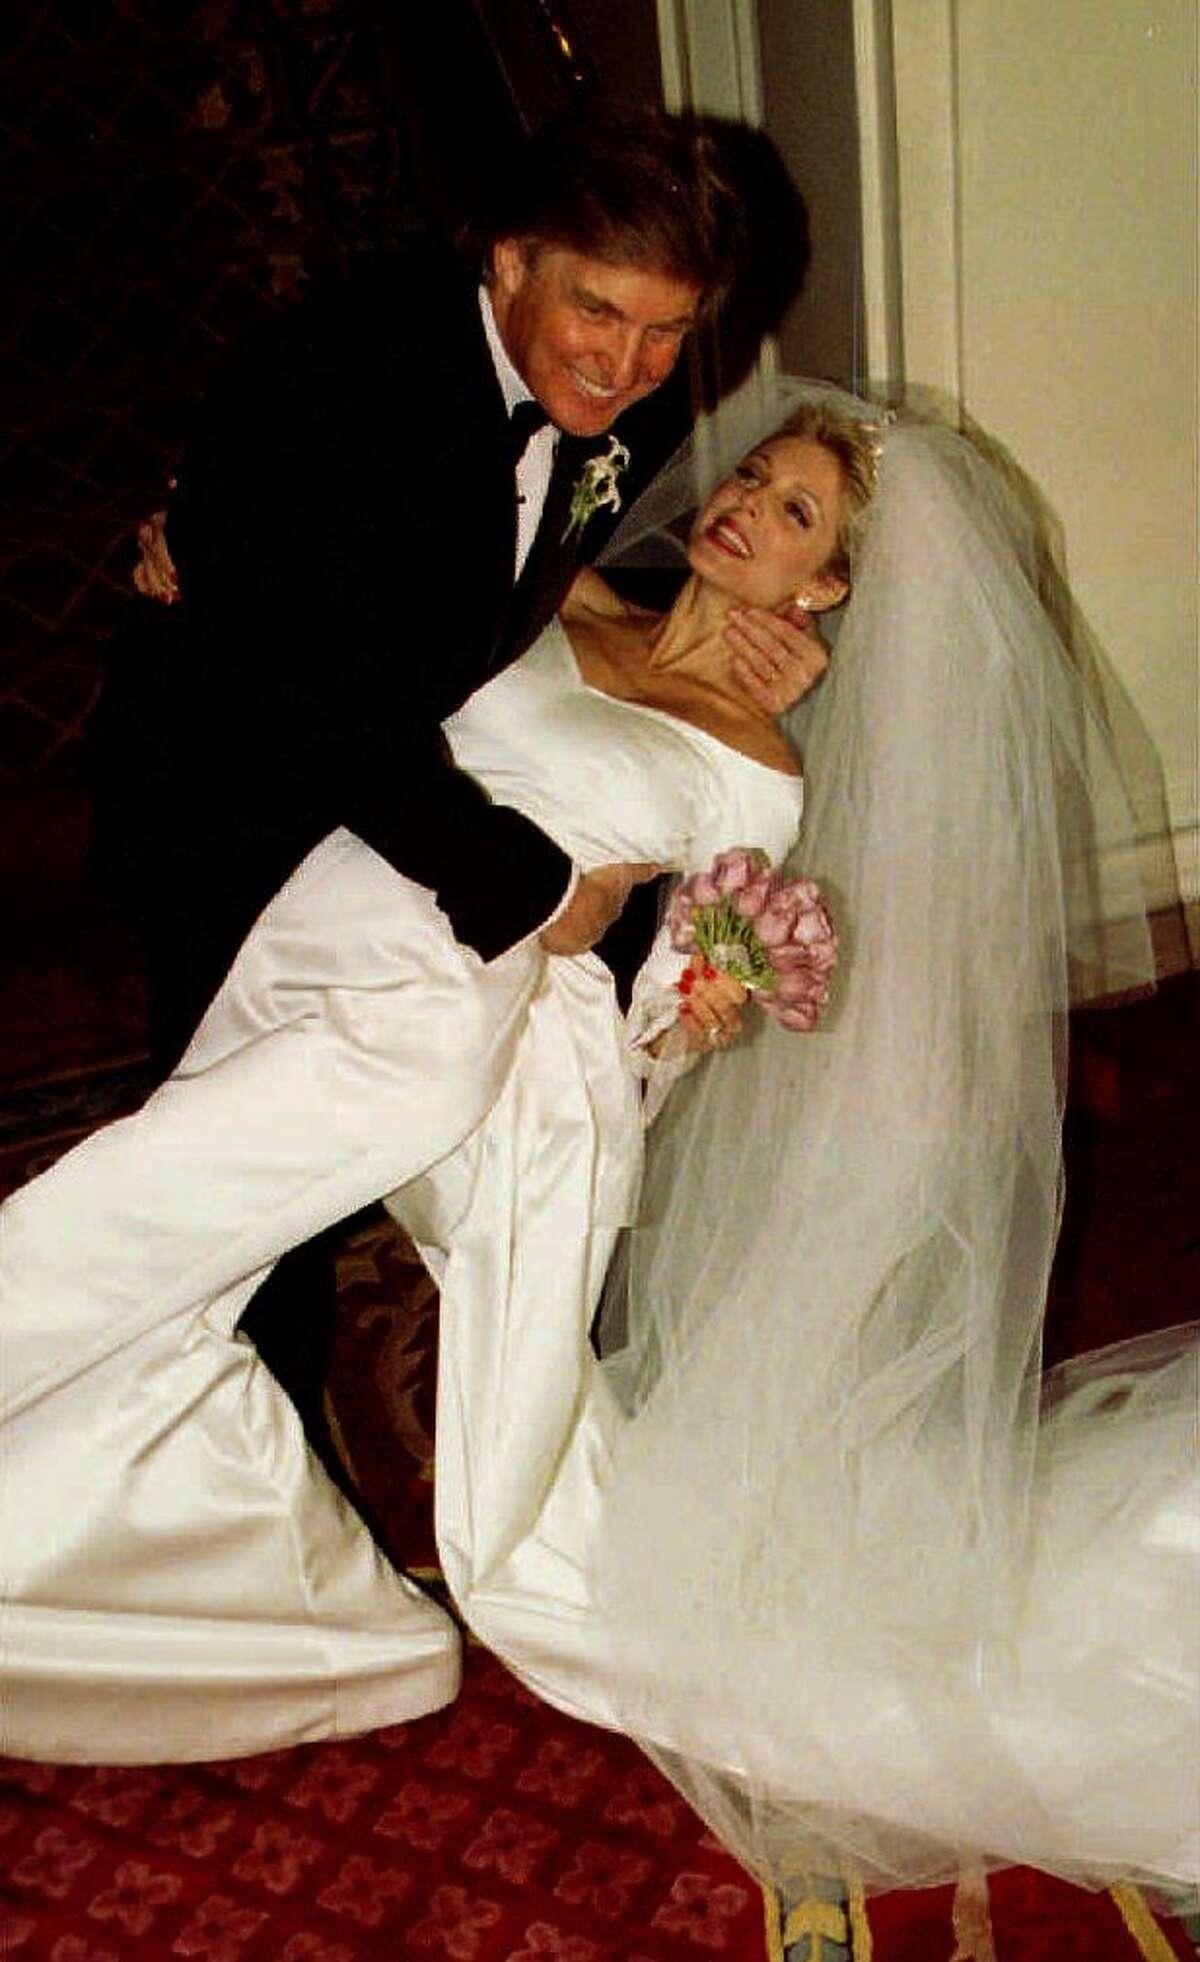 Donald Trump and Marla Maples marry, Dec. 21, 1993.